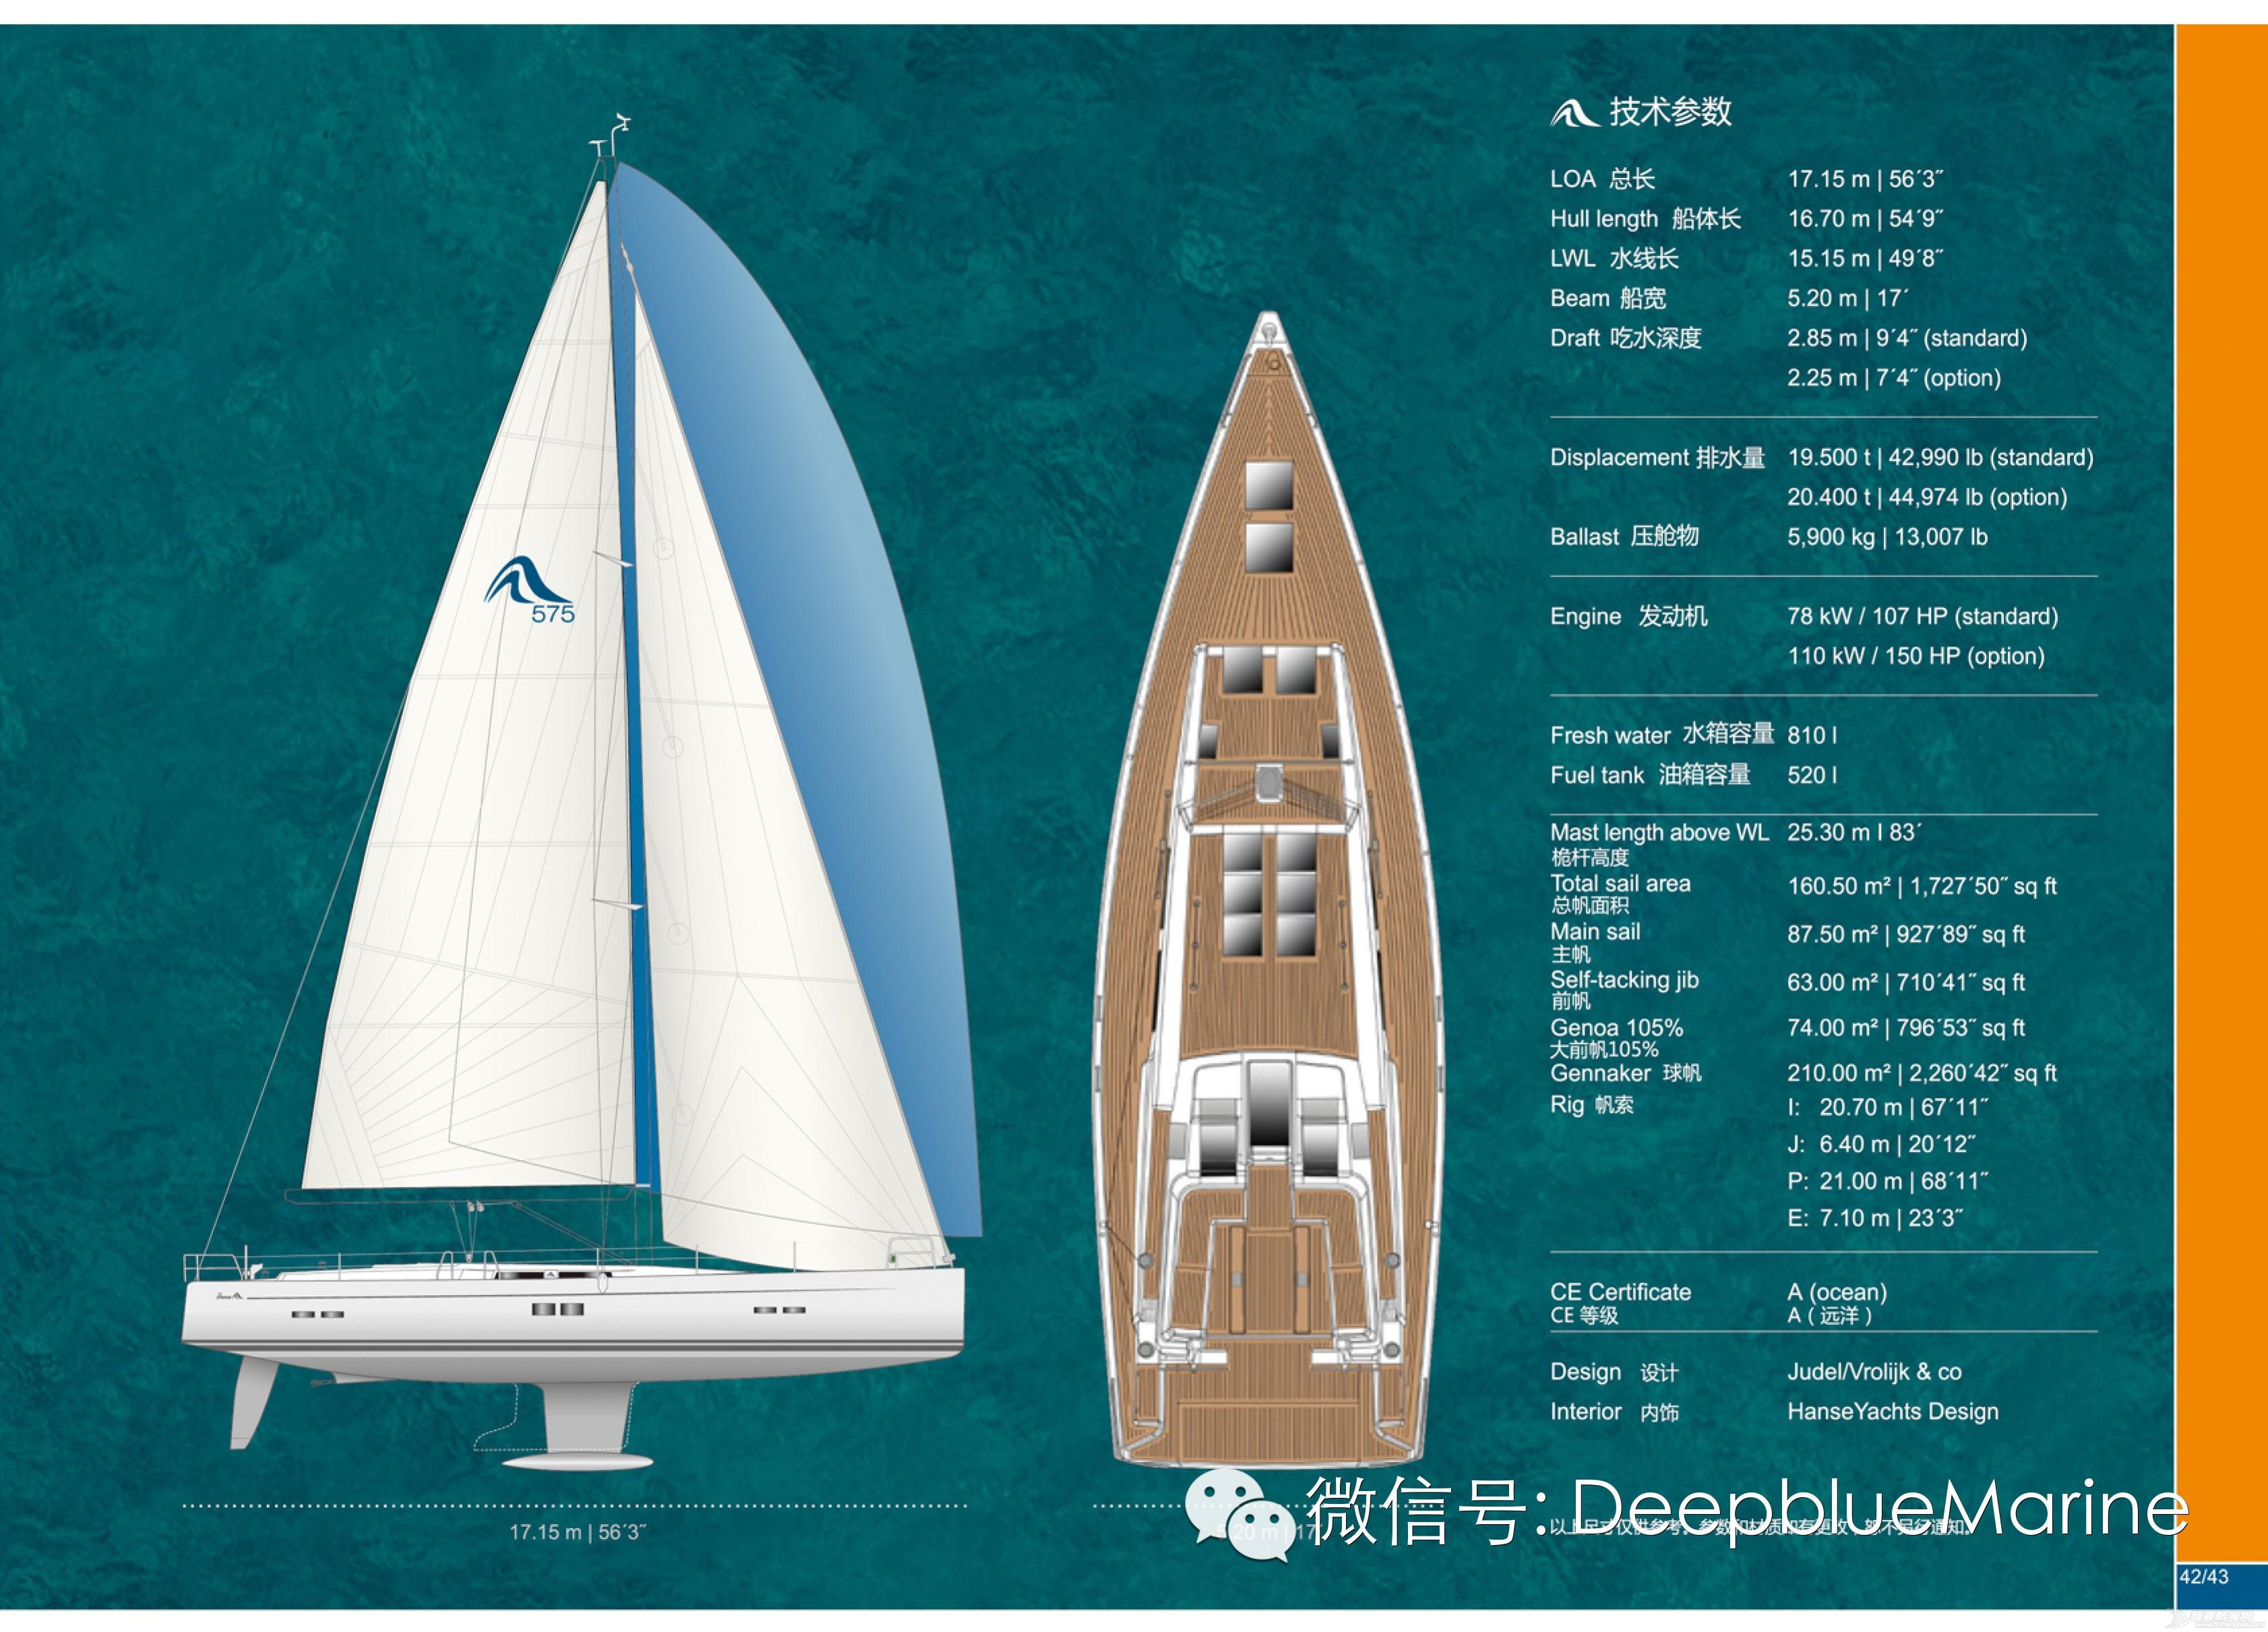 德国汉斯帆船158# H575 帆船到达青岛港 46cfa868265fa6e9a8e6d5a5646ddbd3.jpg